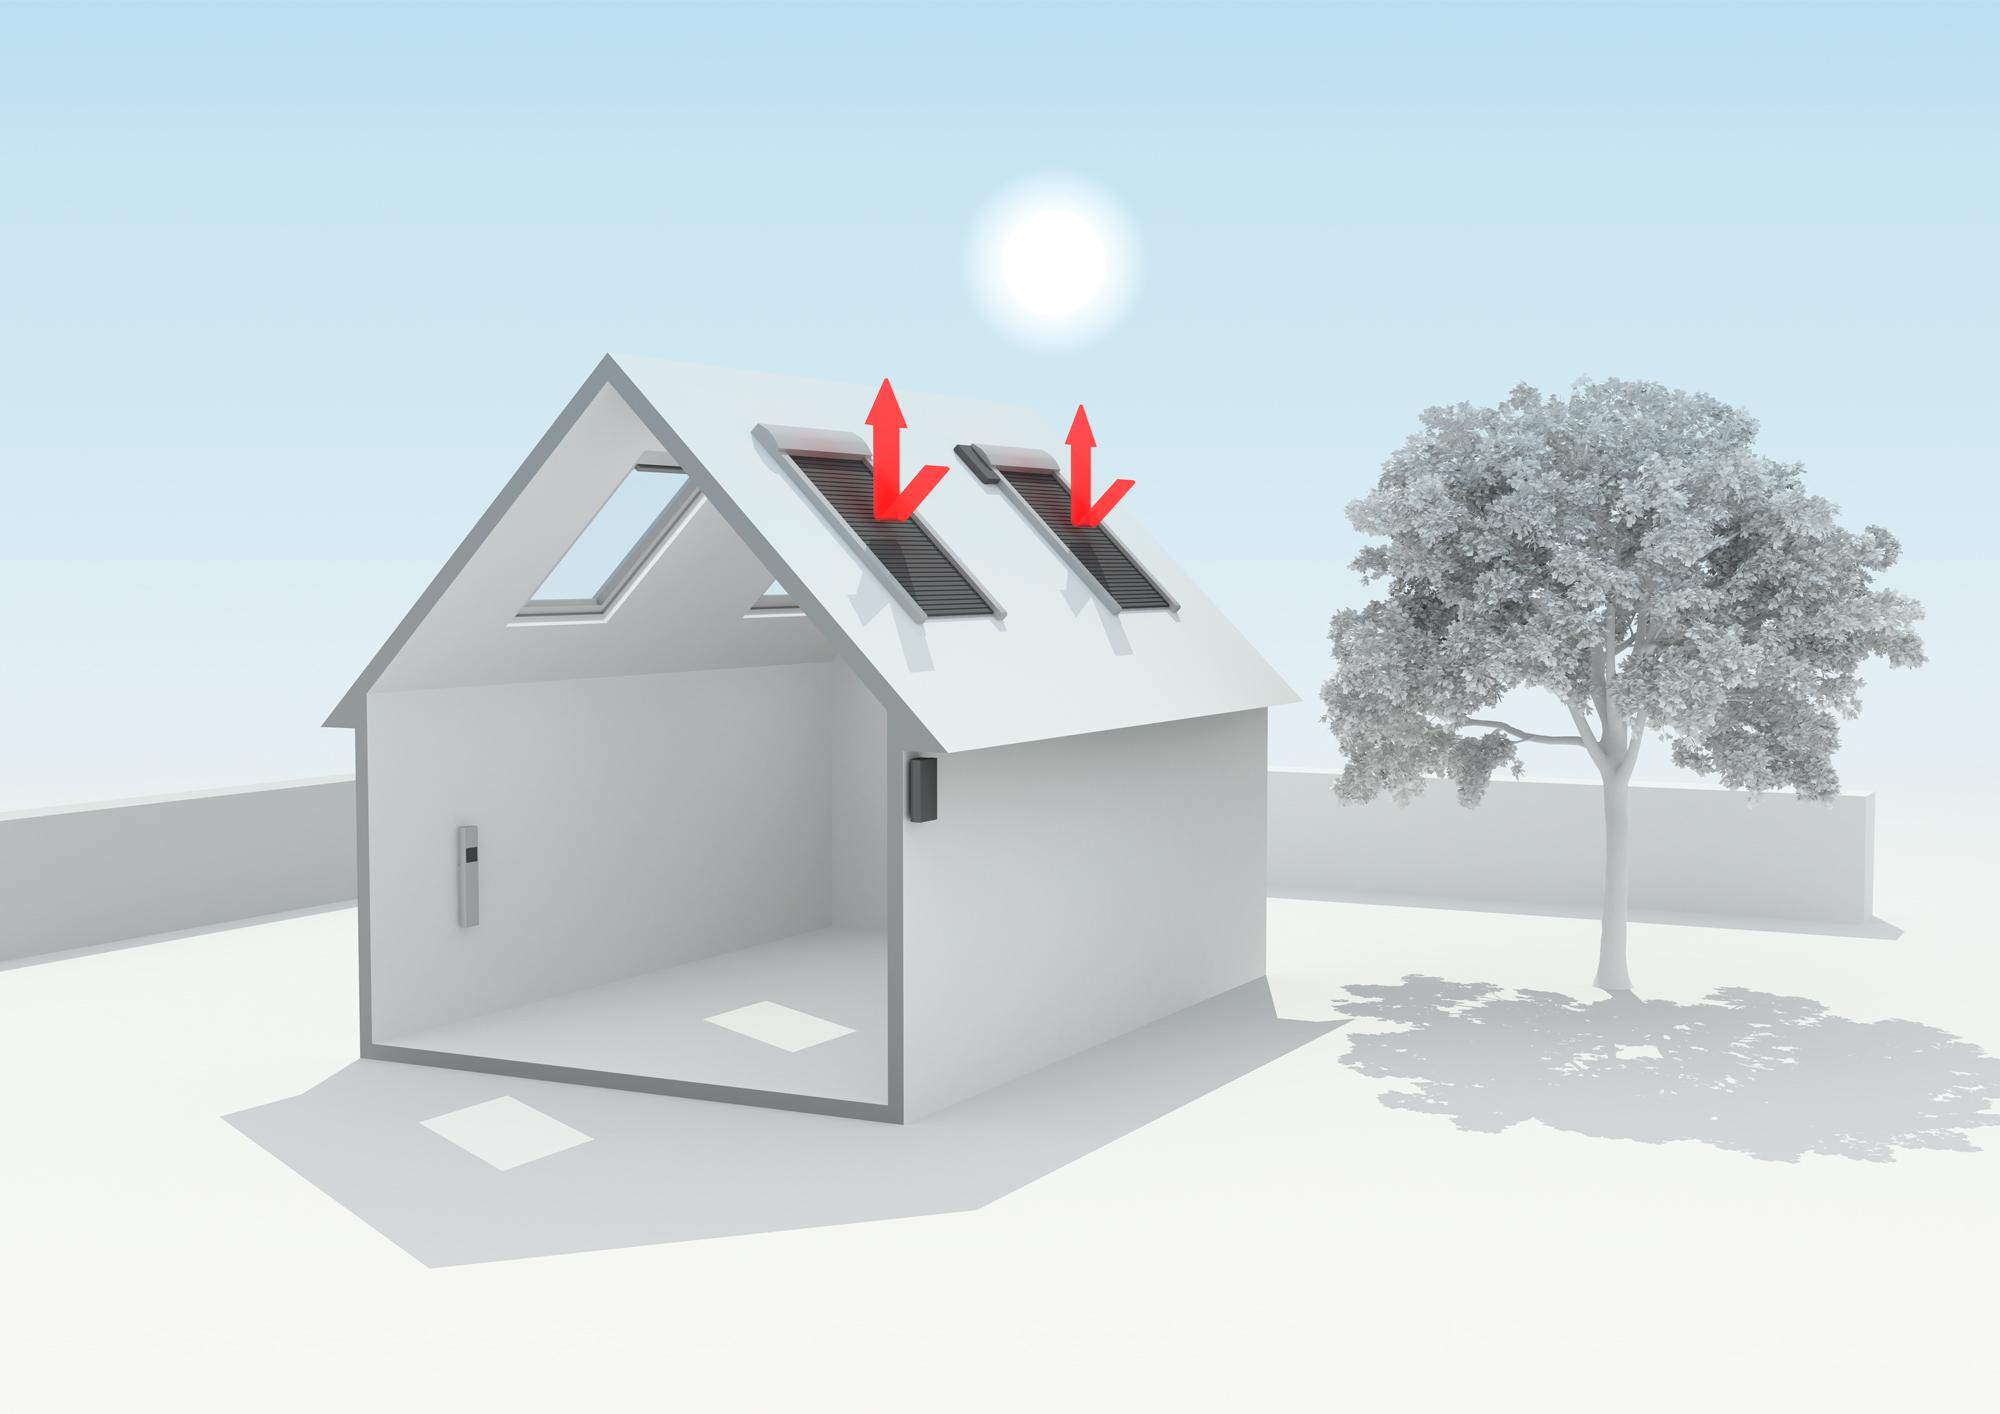 Detrazione IRPEF 65% per la riqualificazione energetica